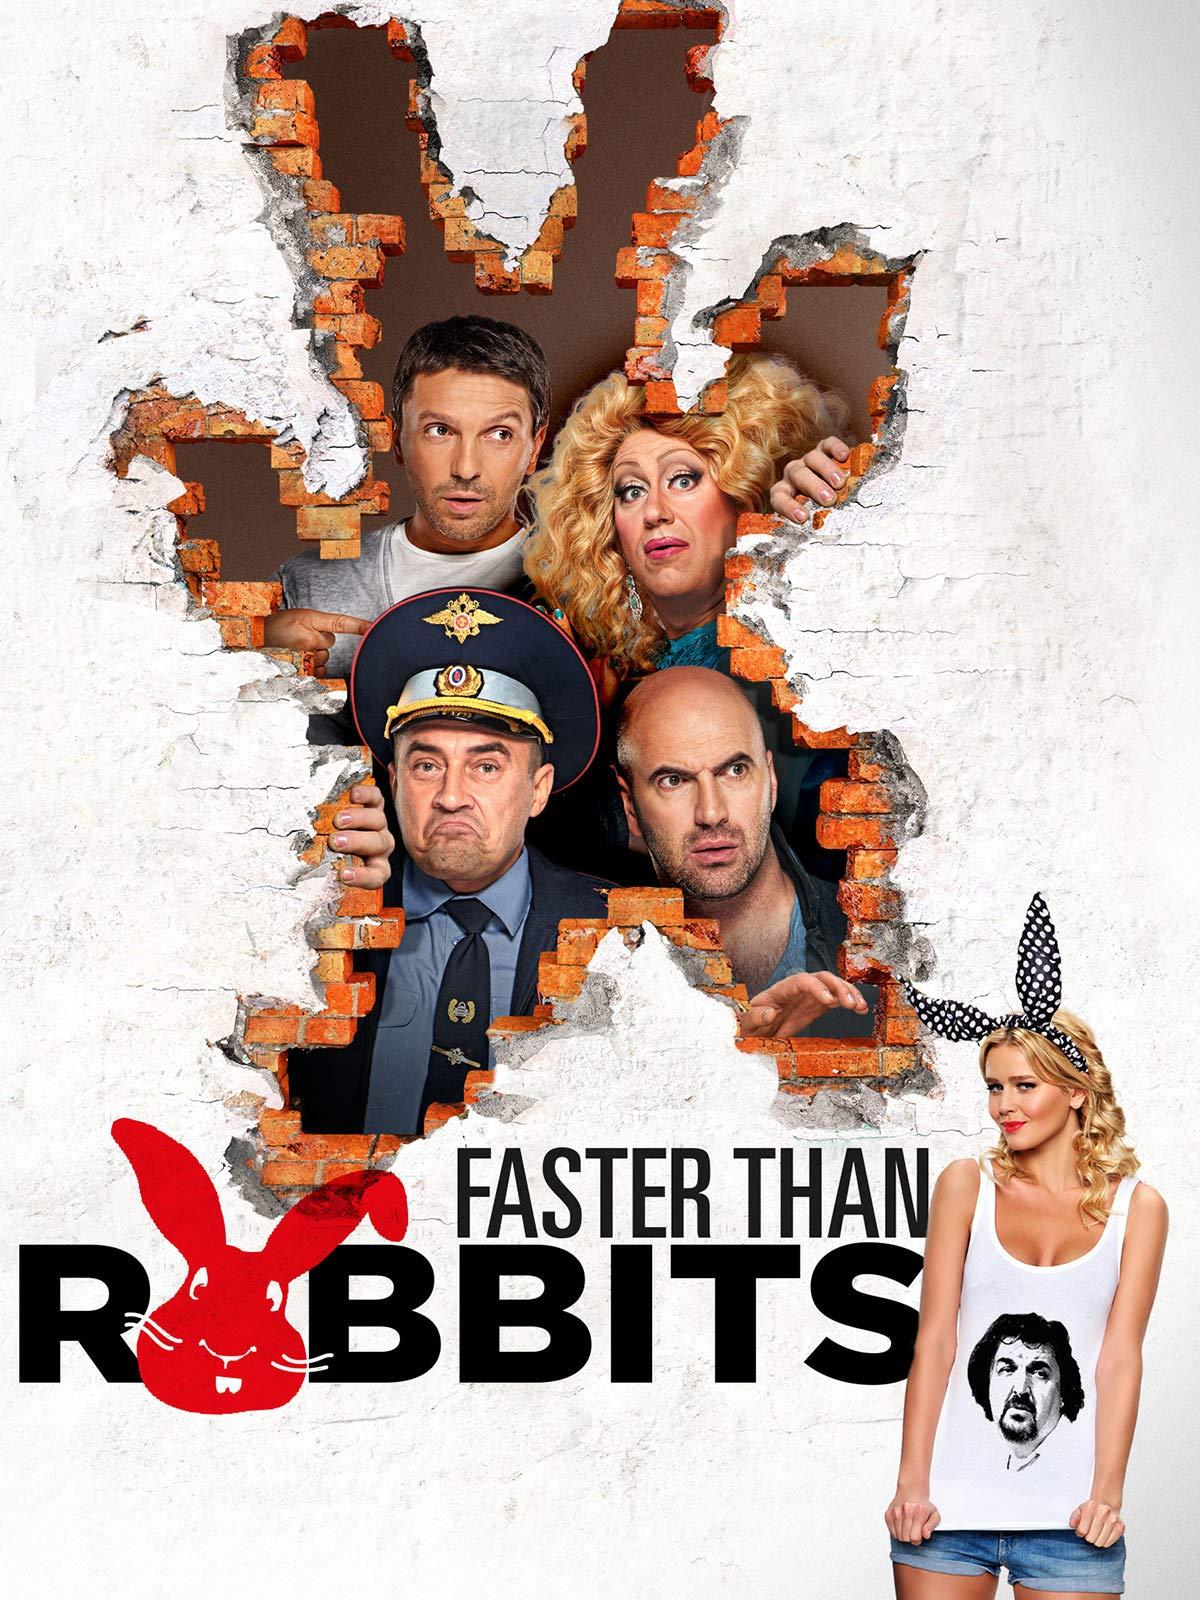 Faster than Rabbits